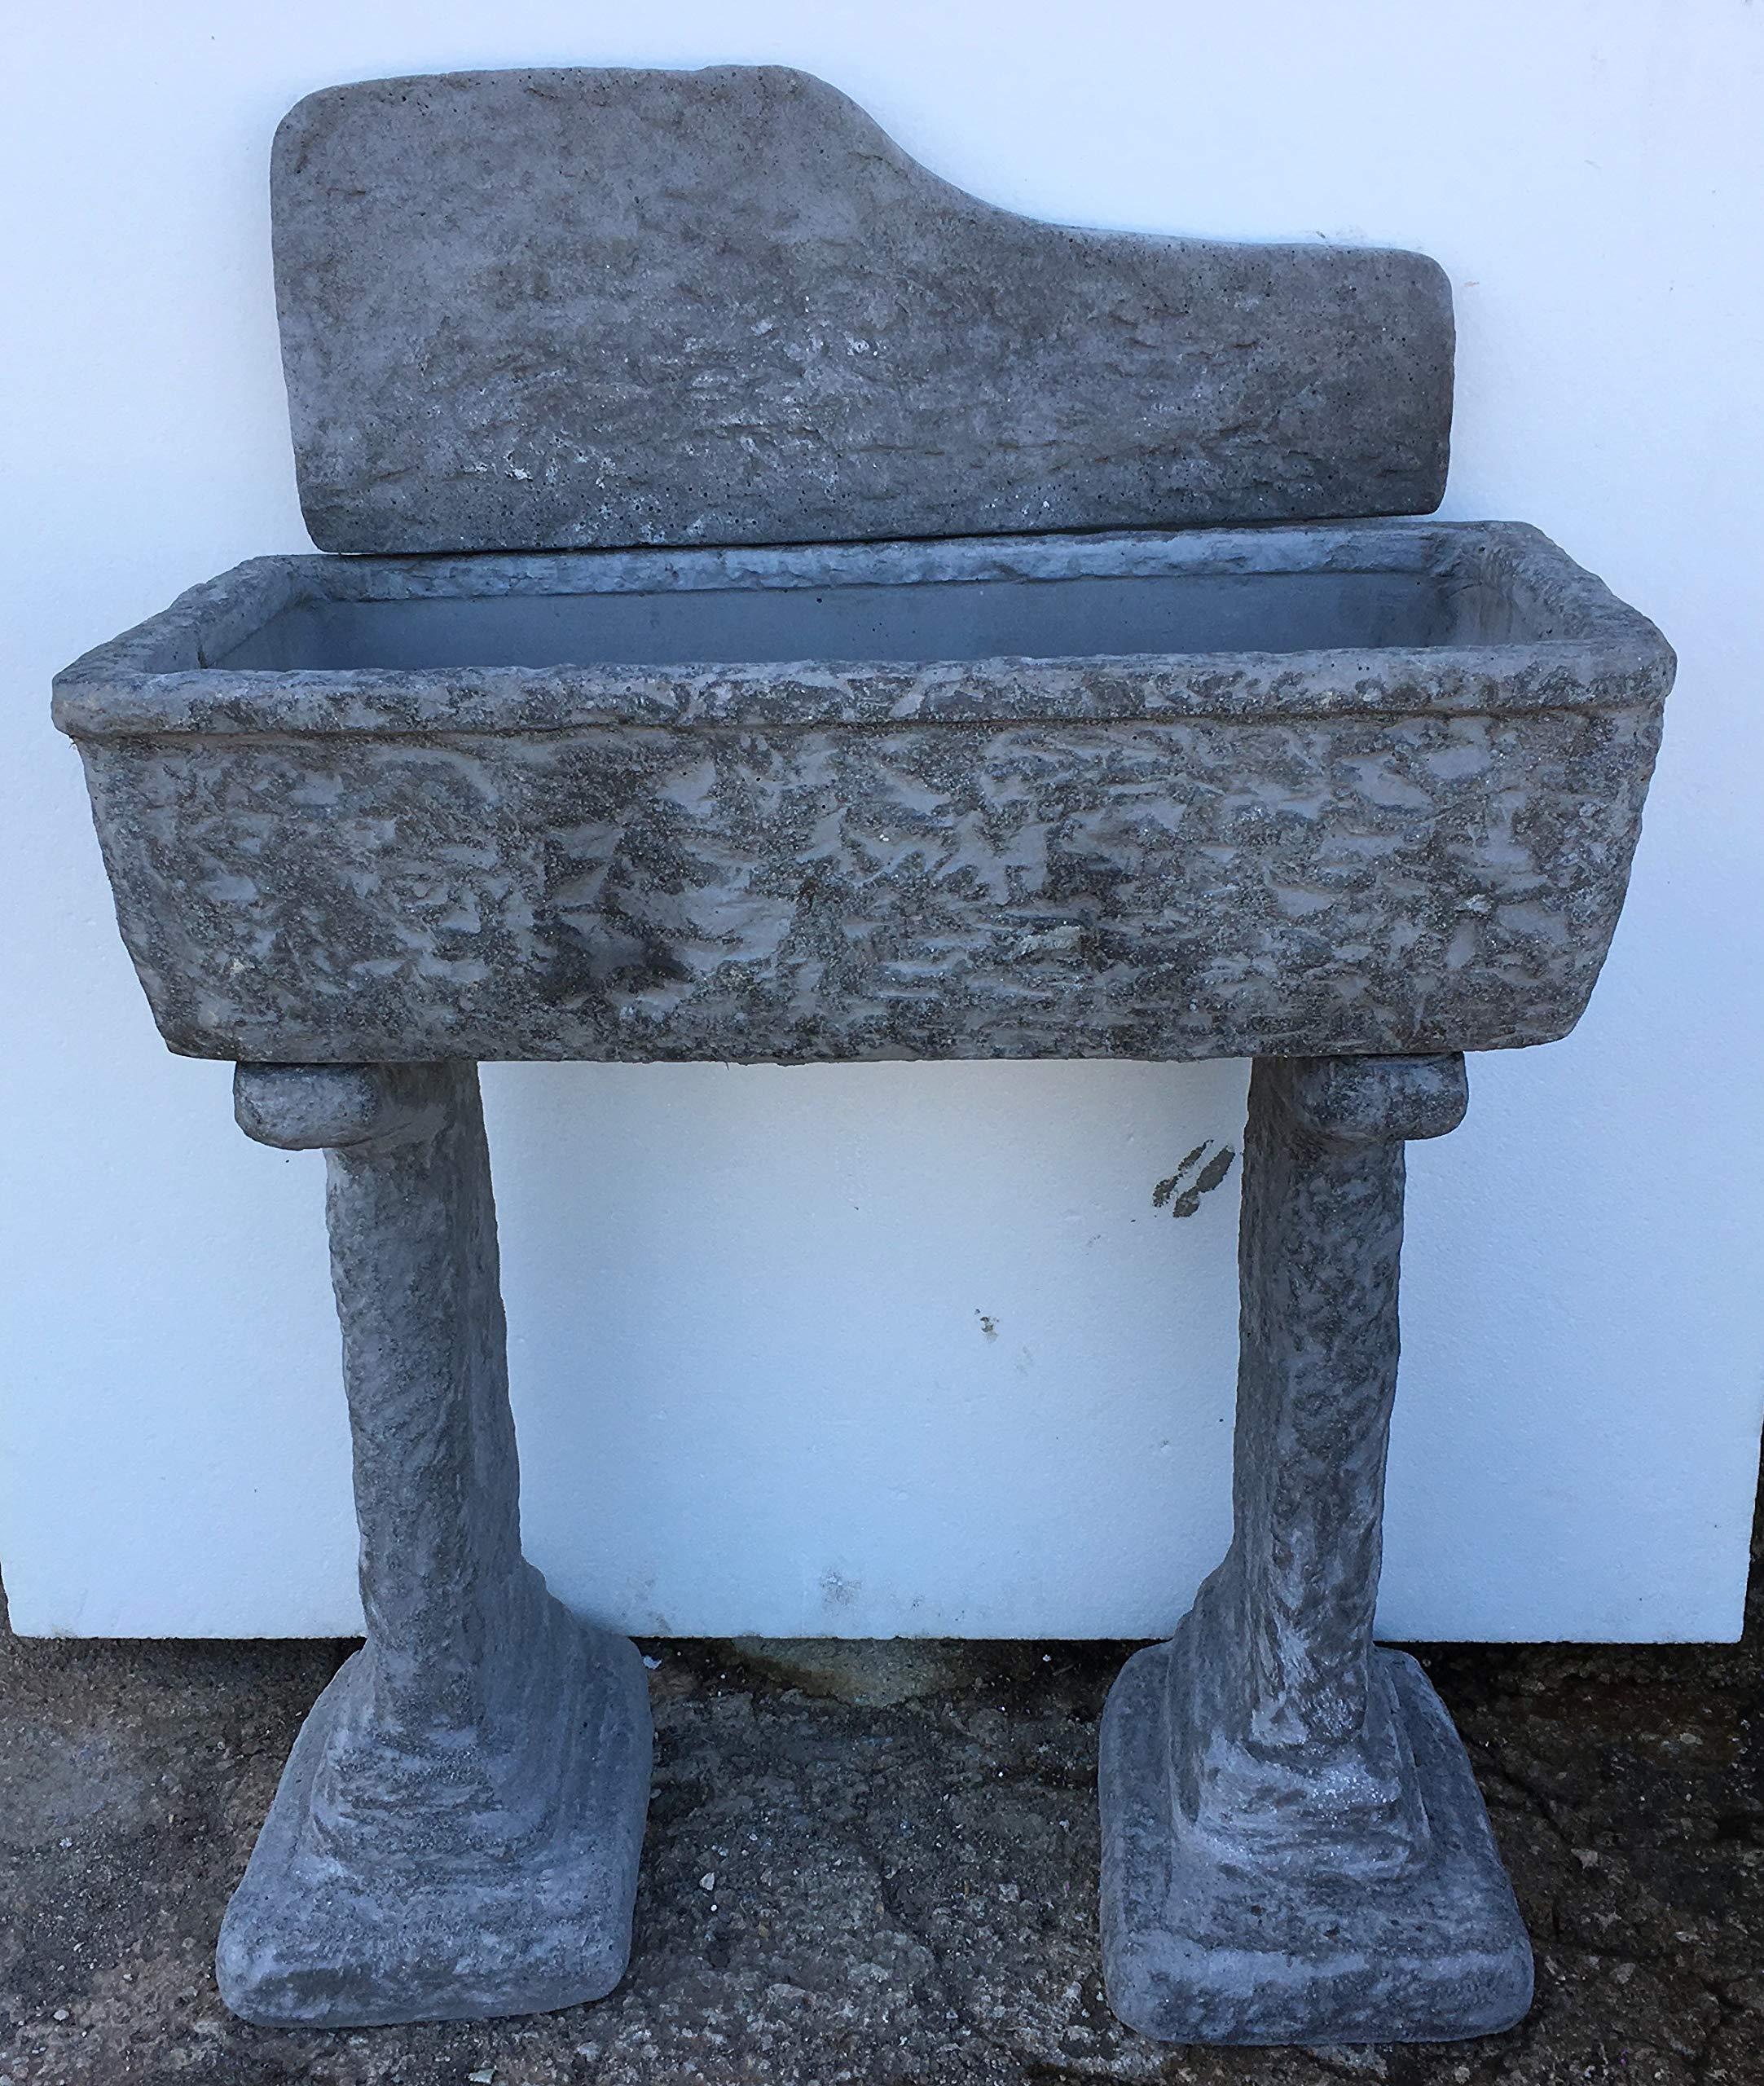 Artista granulado fregadero de cemento y piedra volcánica del Vesuvio, lavabo, fuente, medidas: 80 x 40 x 115 cm.: Amazon.es: Jardín